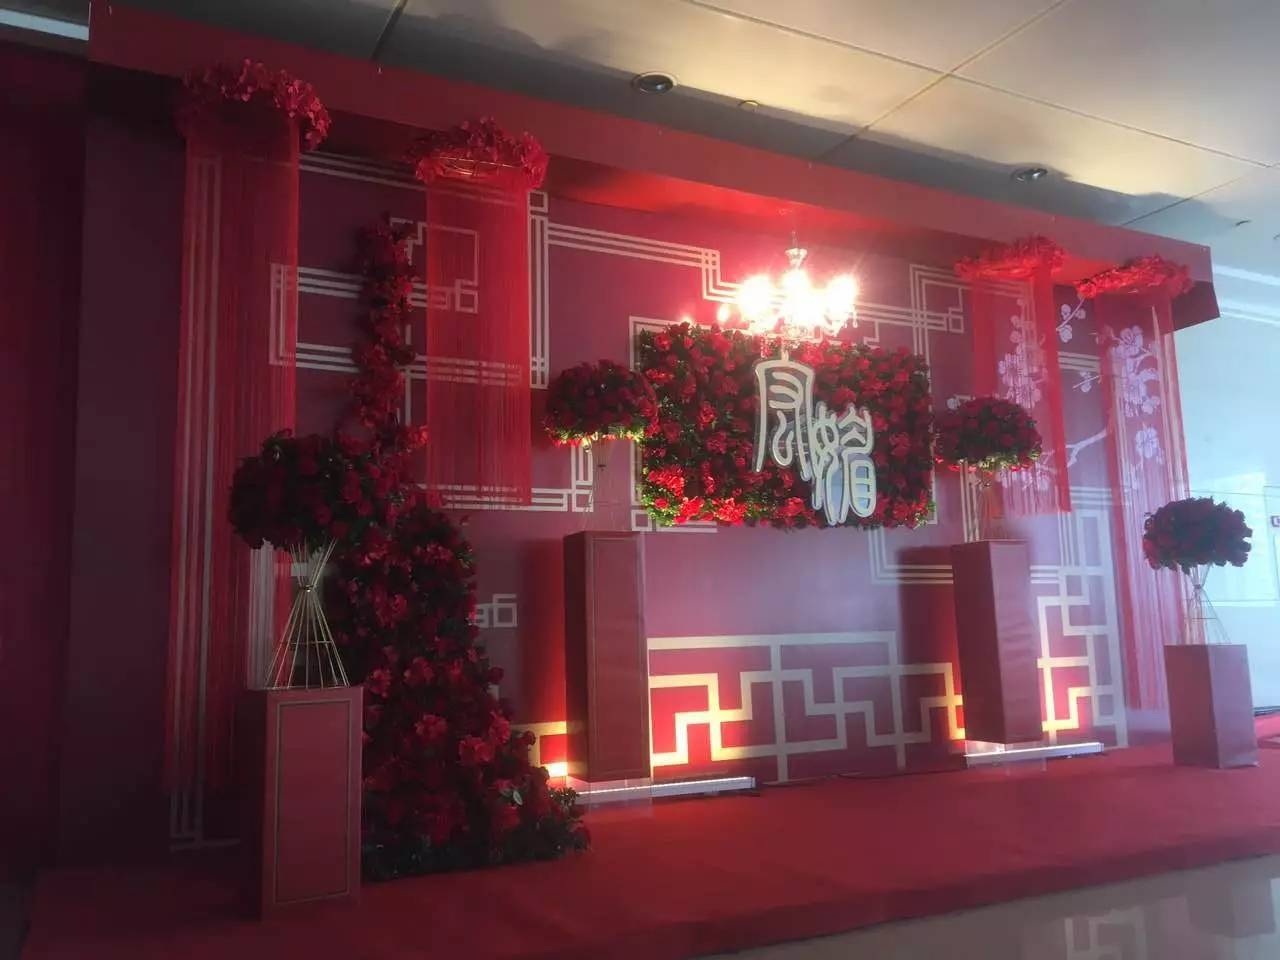 深圳婚礼现场搭建商光明婚礼搭建商光明婚庆道具出租深圳婚礼布置